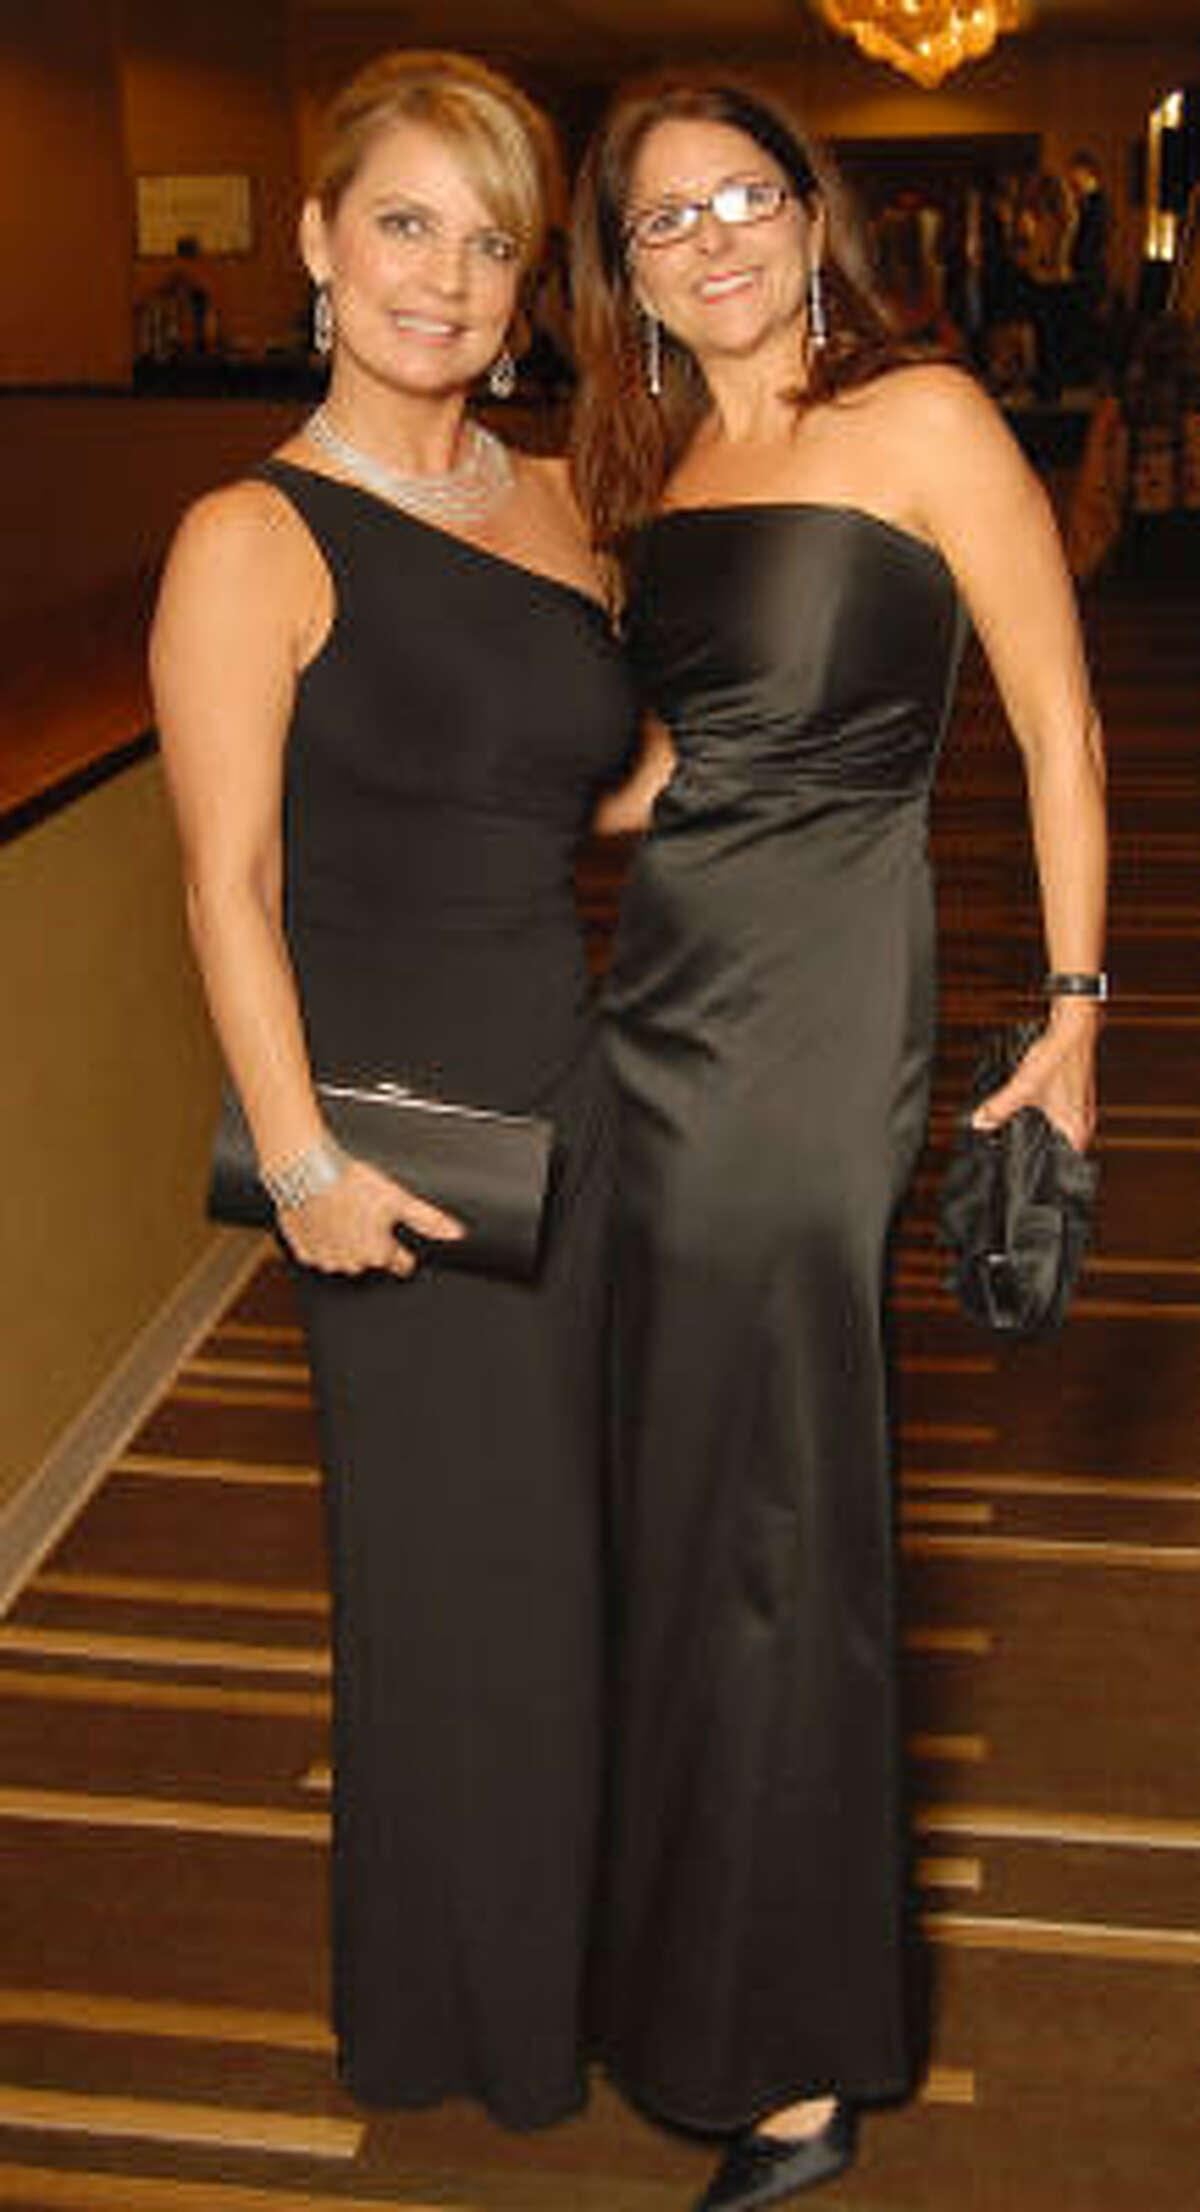 Melissa Juneau and Karen Savoie